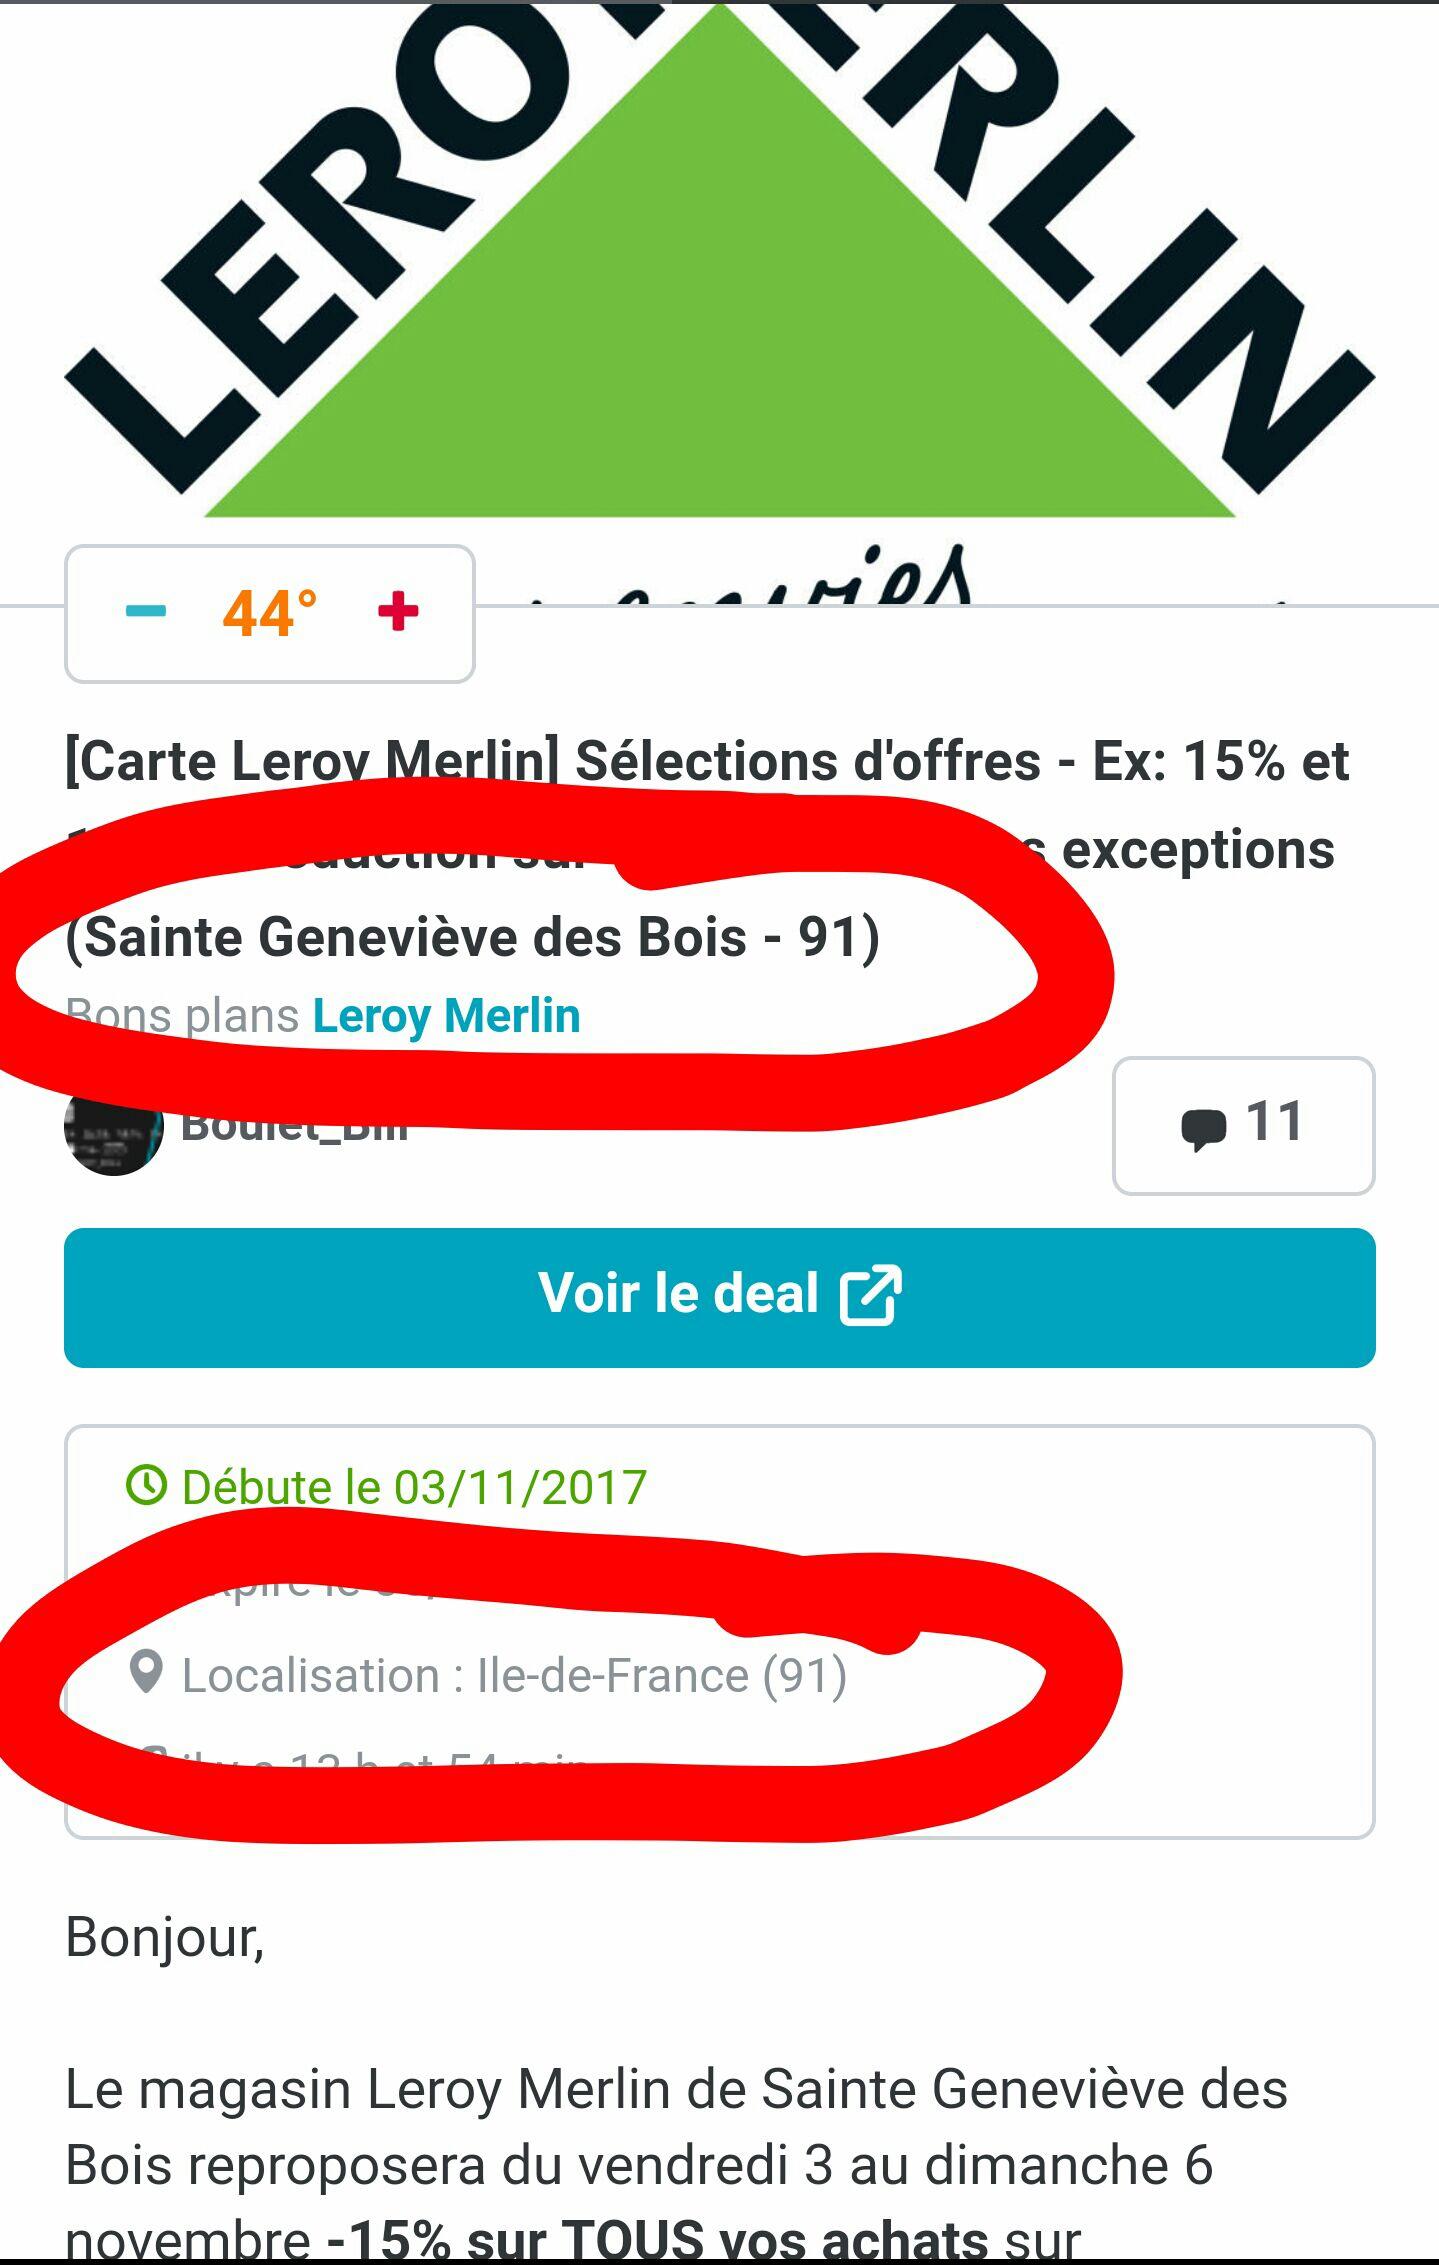 carte leroy merlin] sélections d'offres - ex: 15% et 19% de